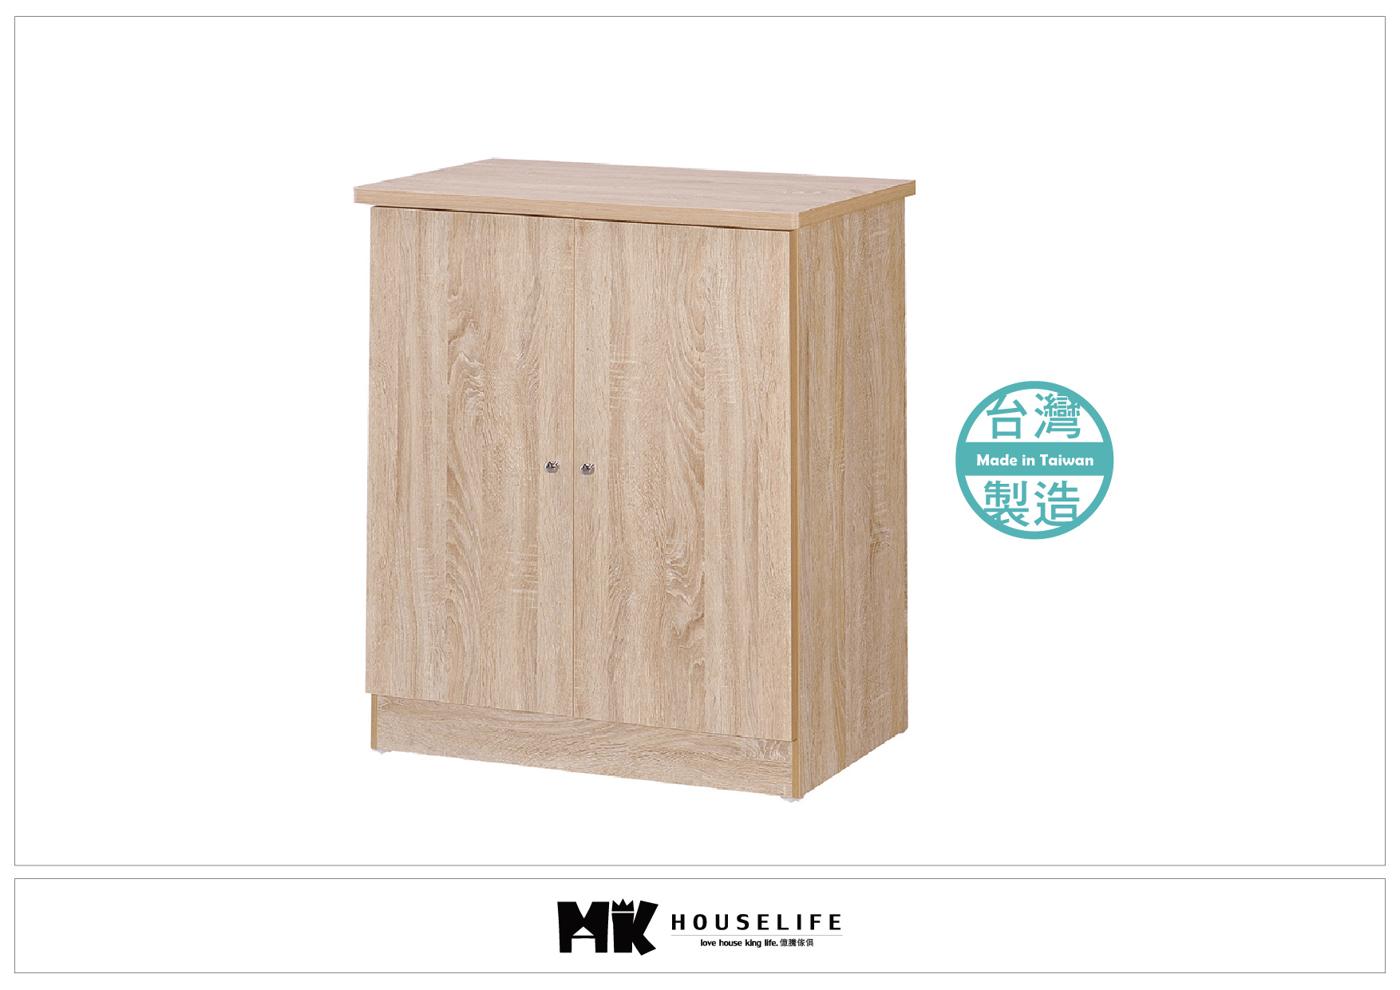 【MK億騰傢俱】AS300-08北原橡木2.5尺中鞋櫃